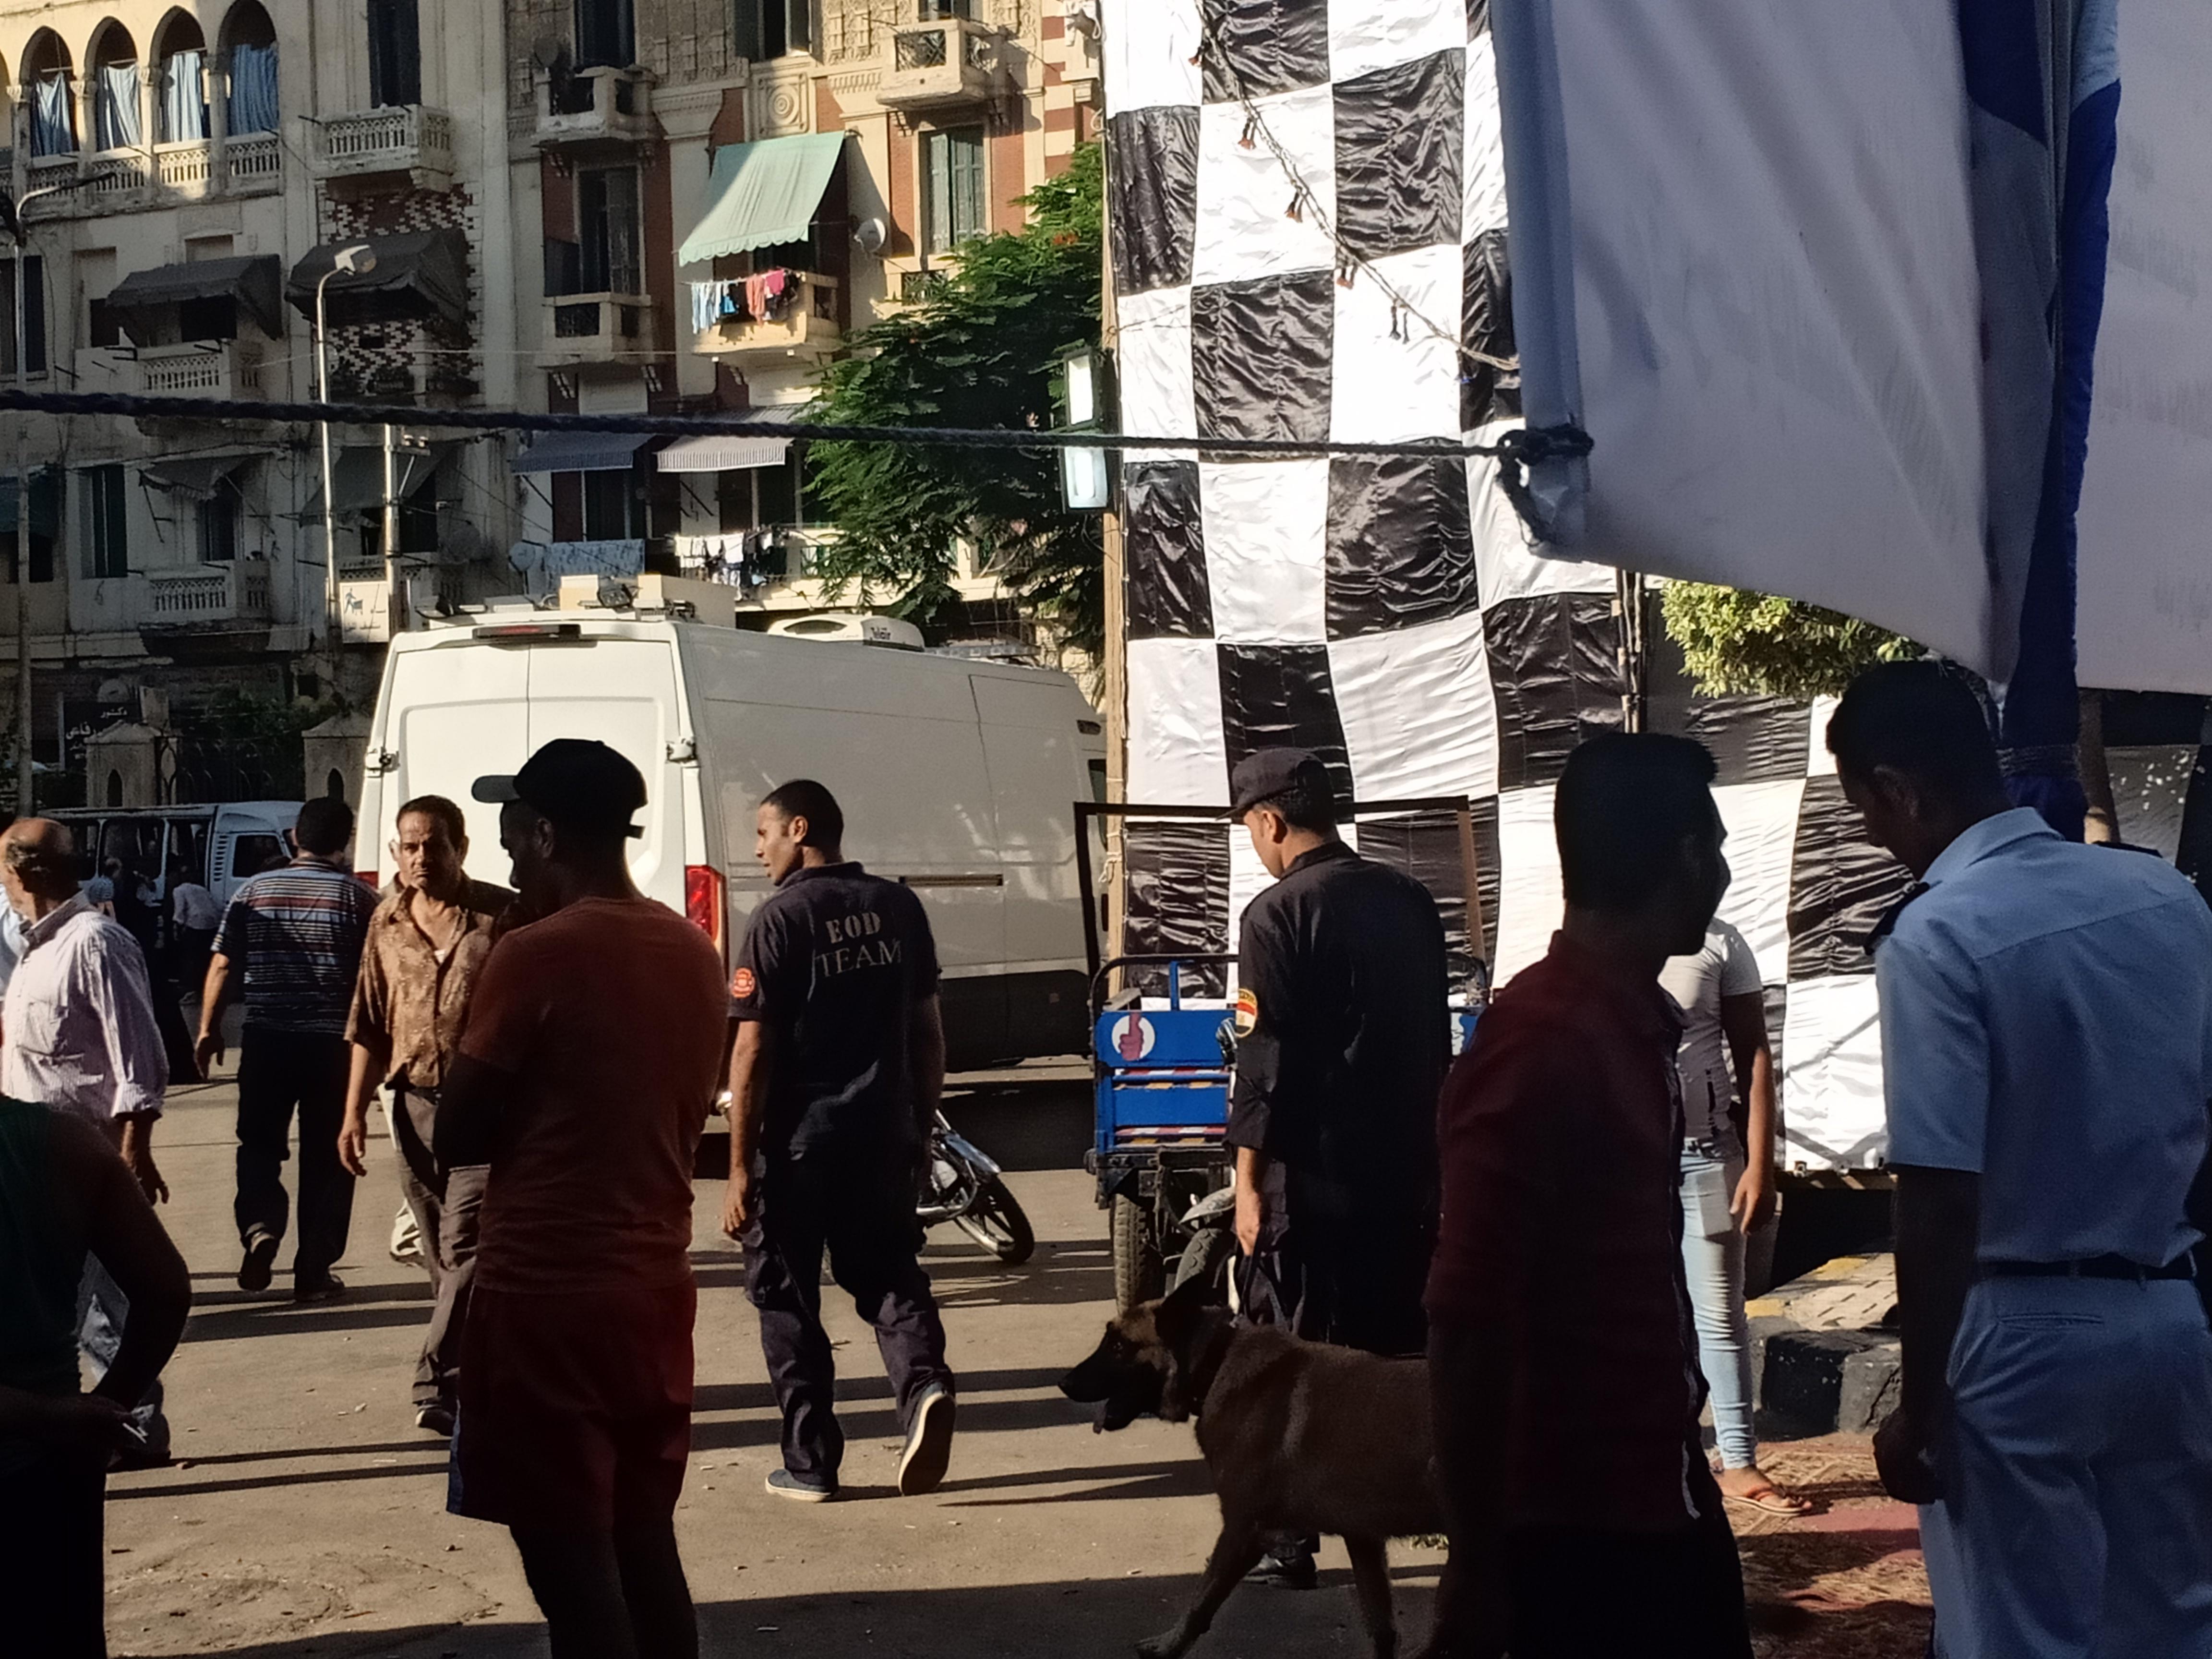 تمشيط ساحة مسجد ابى العباس المرسى بالإسكندرية بواسطه الكلاب البوليسية (3)